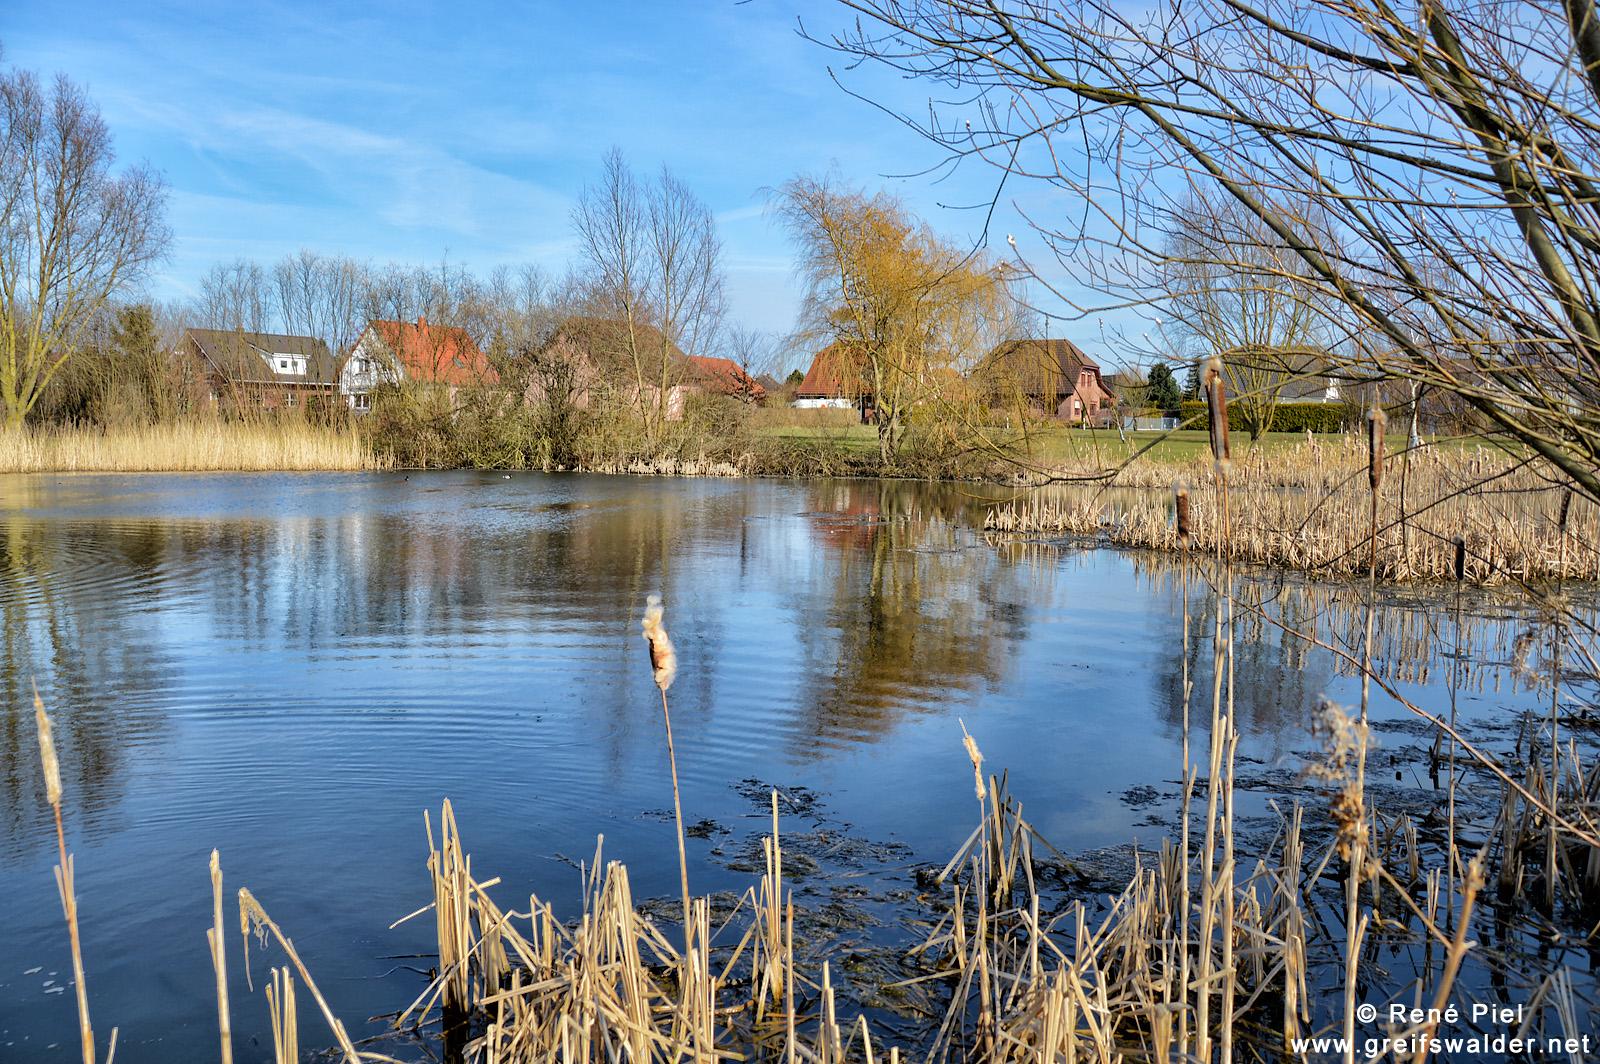 Am Teich in Wackerow